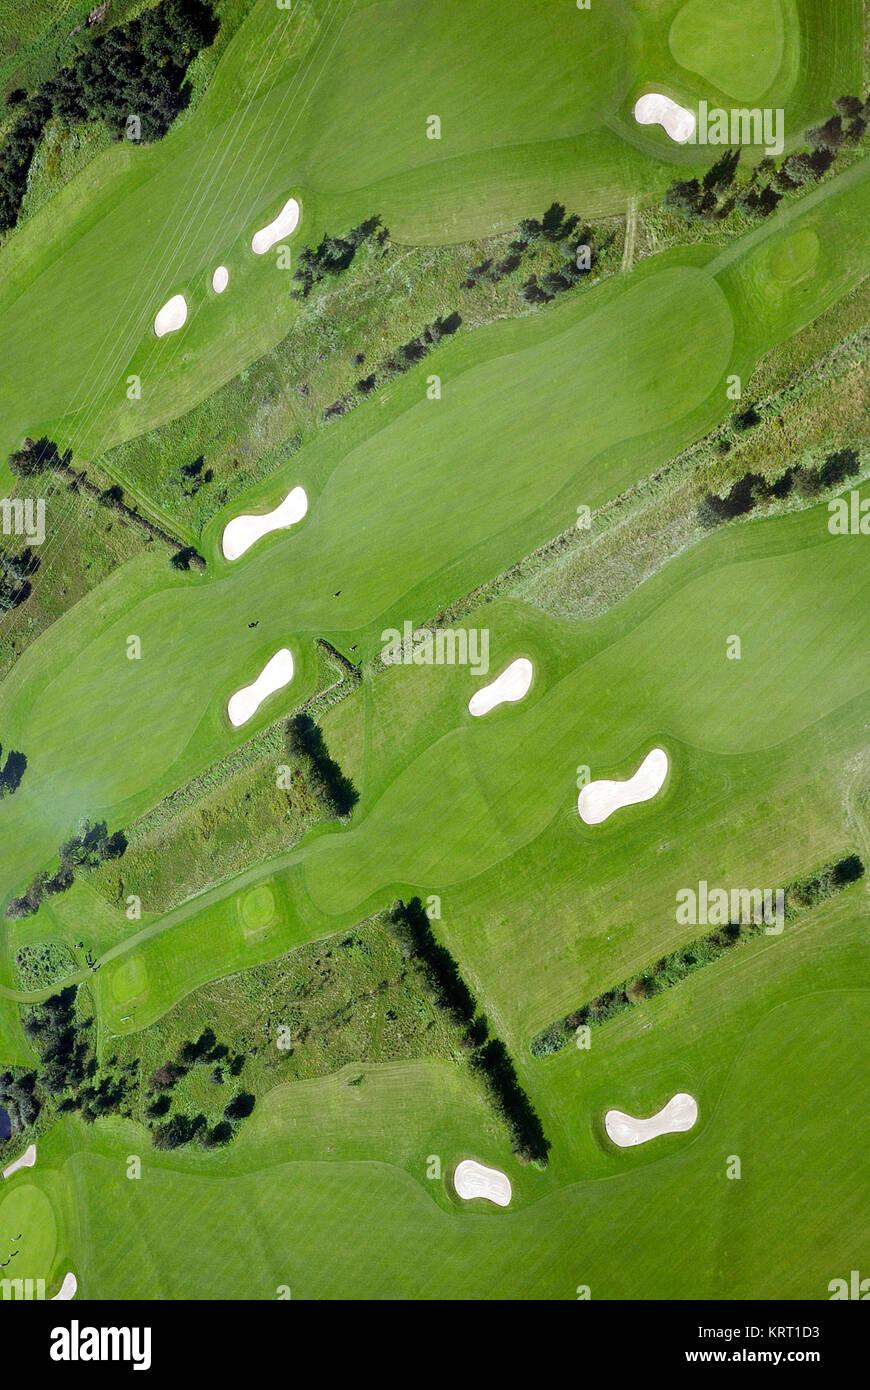 Golfplatz, Golf-Anlage aus der Vogel-Perspektive. Sylt, North Sea - Stock Image